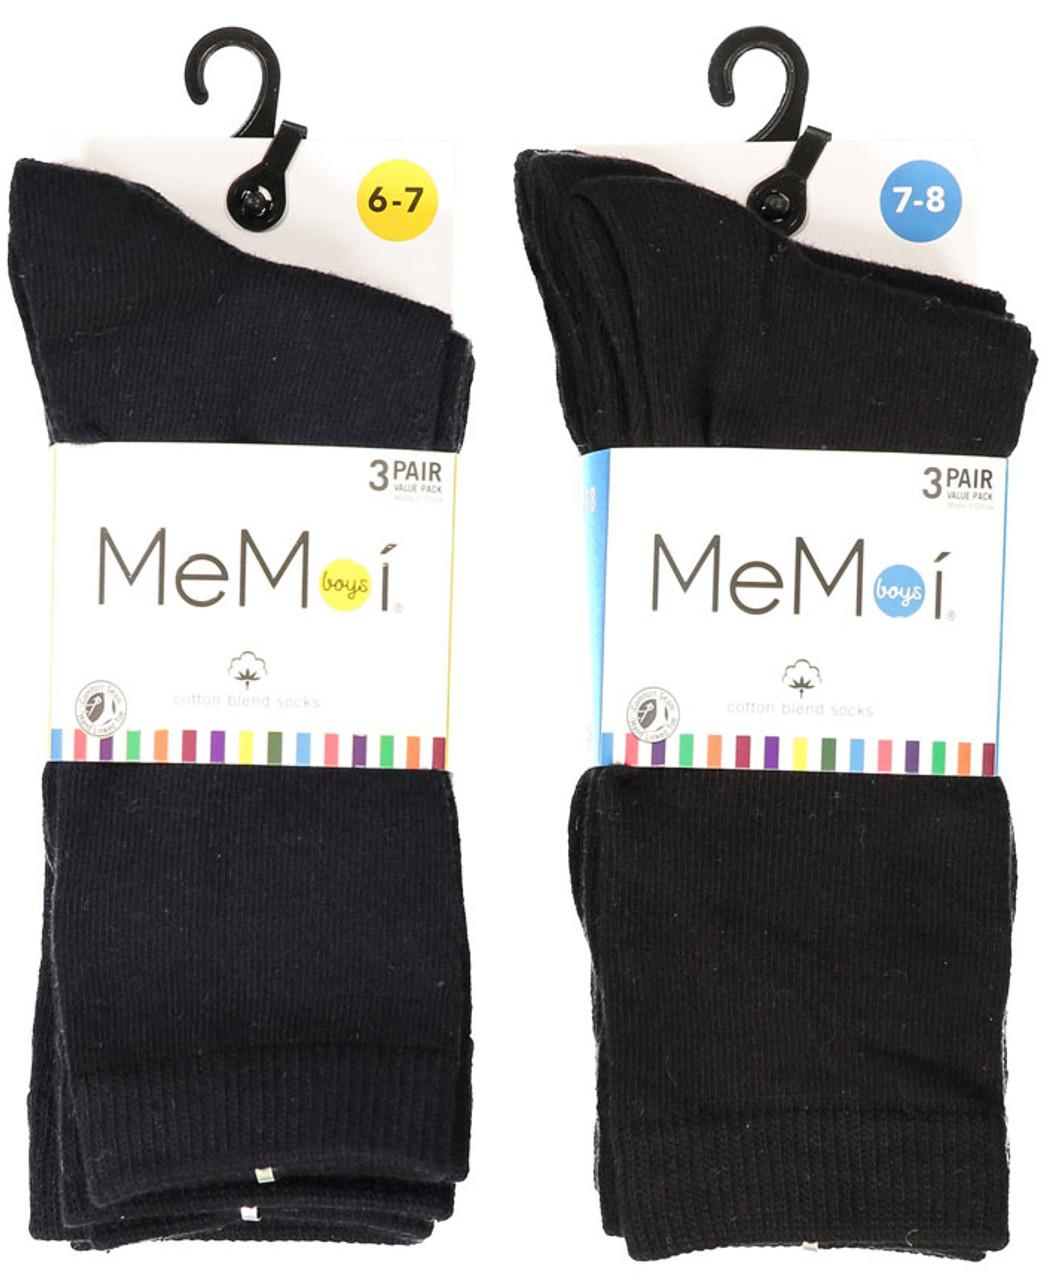 Memoi Boys 3 Pair Flat Socks